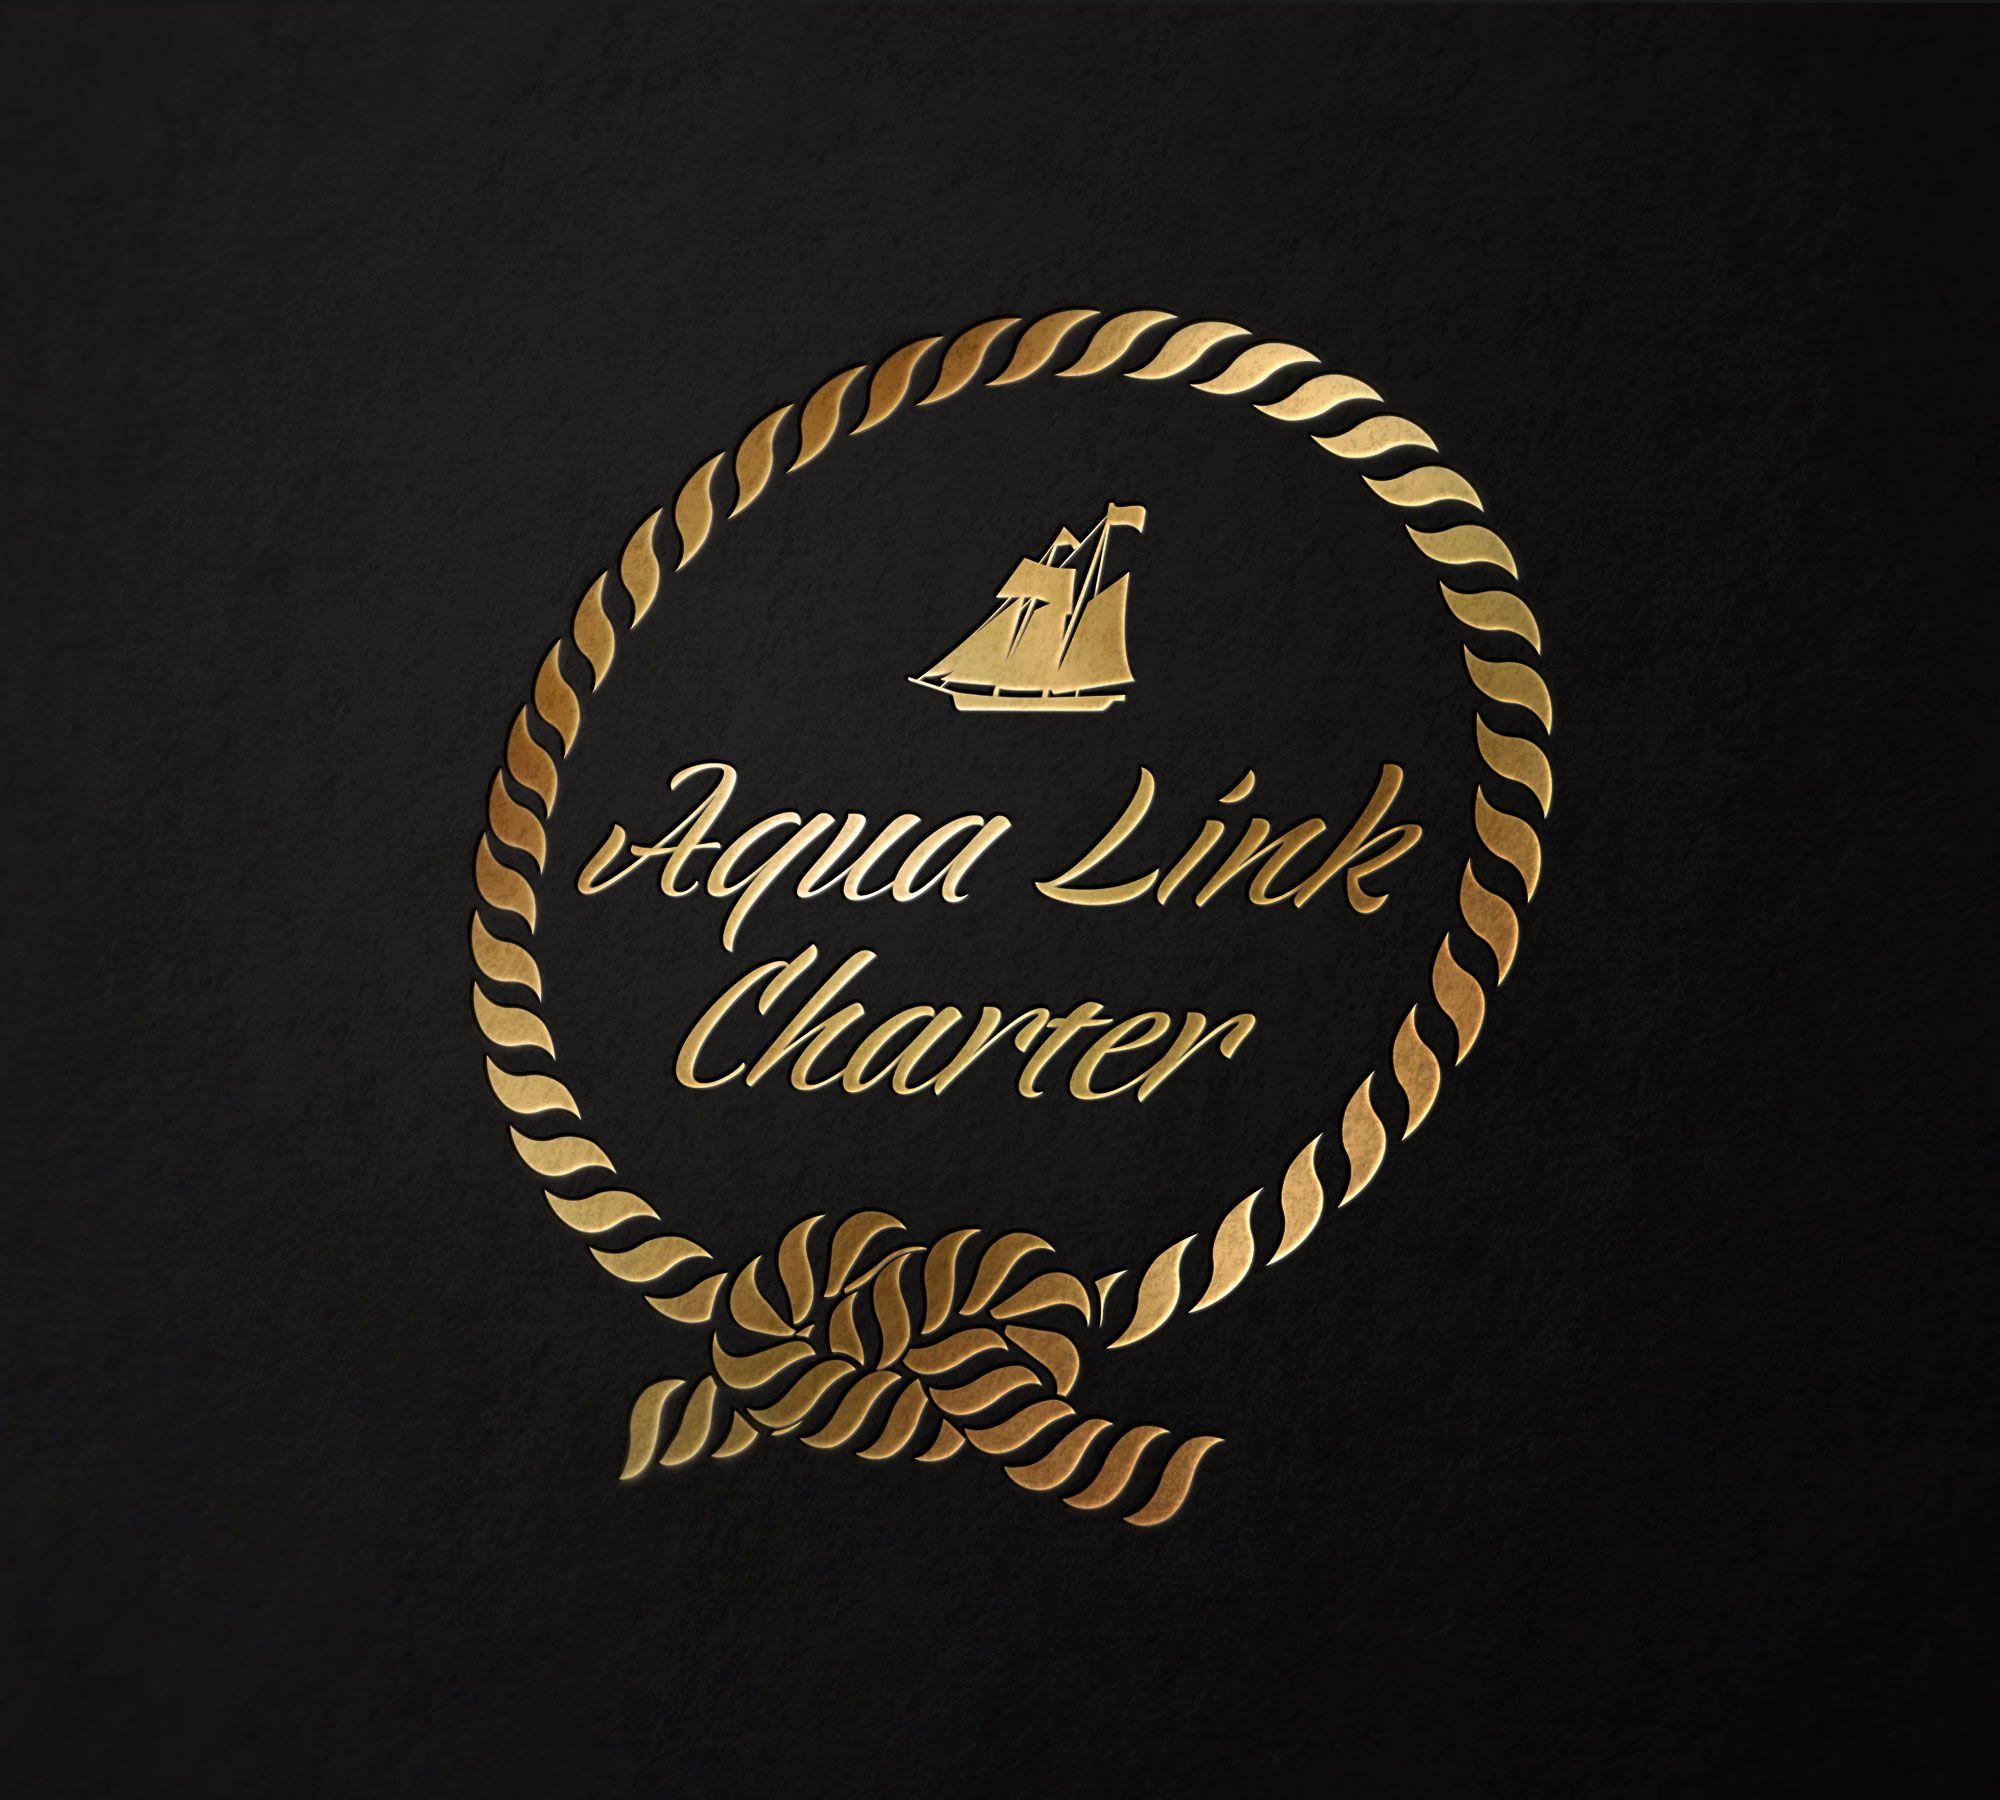 Аренда (чартер) парусных яхт - Aqua Link Charter - дизайнер TanOK1